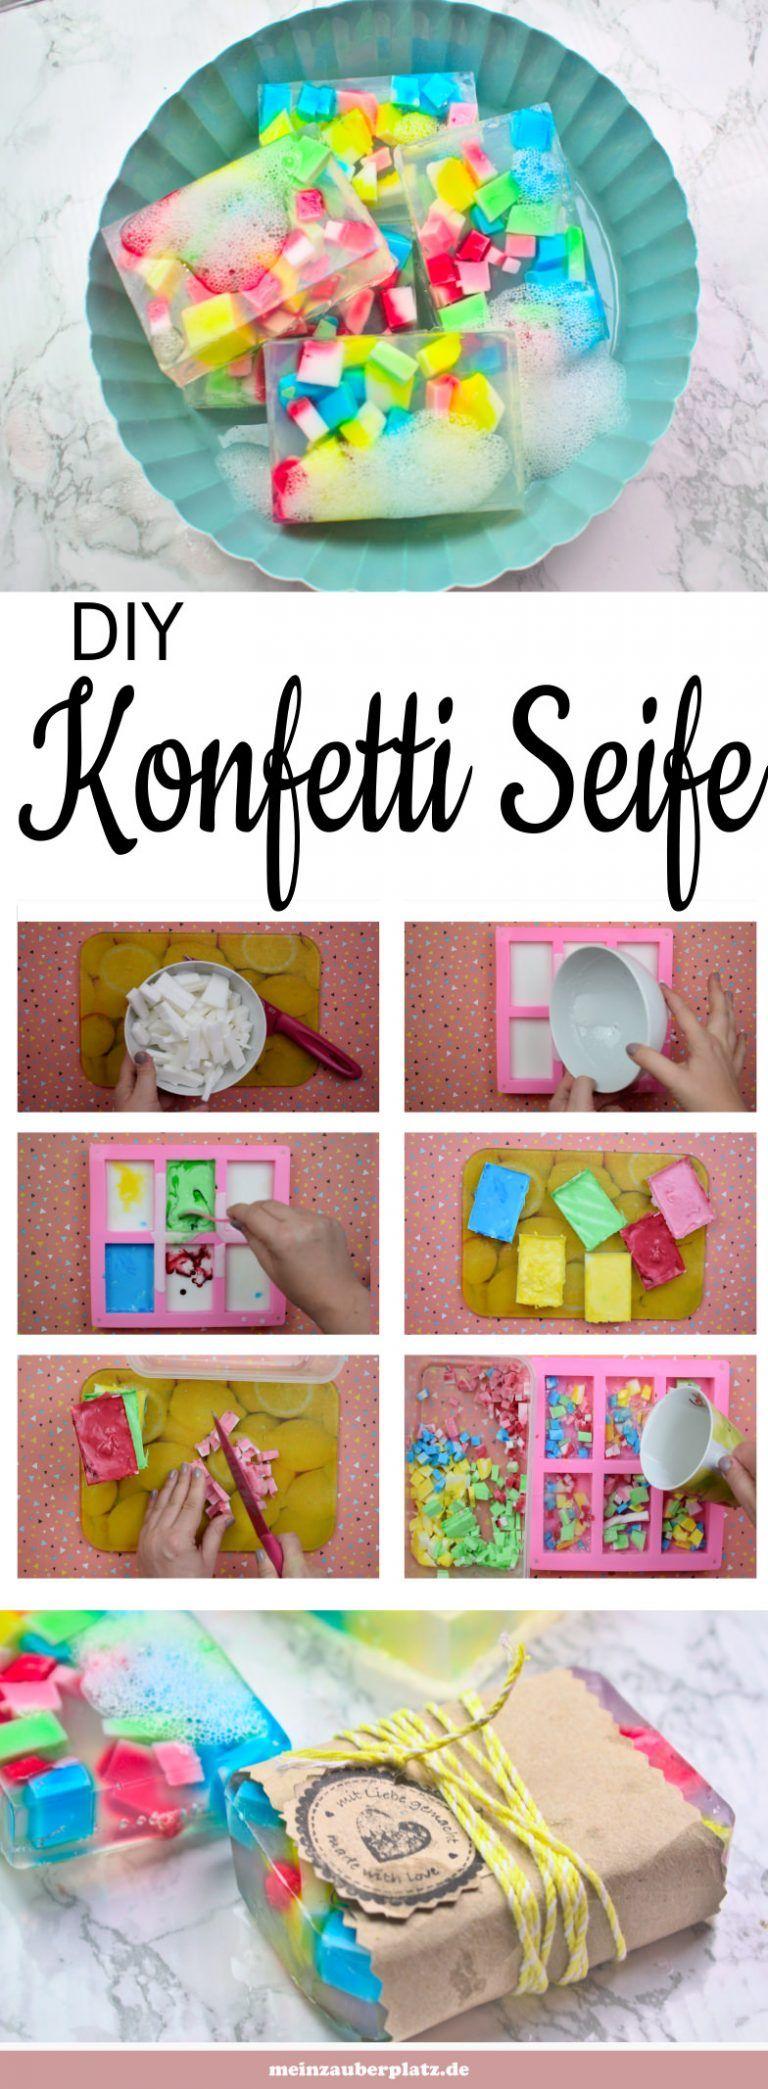 Photo of DIY: Konfetti Seife selber machen – Einfach Seife selber machen